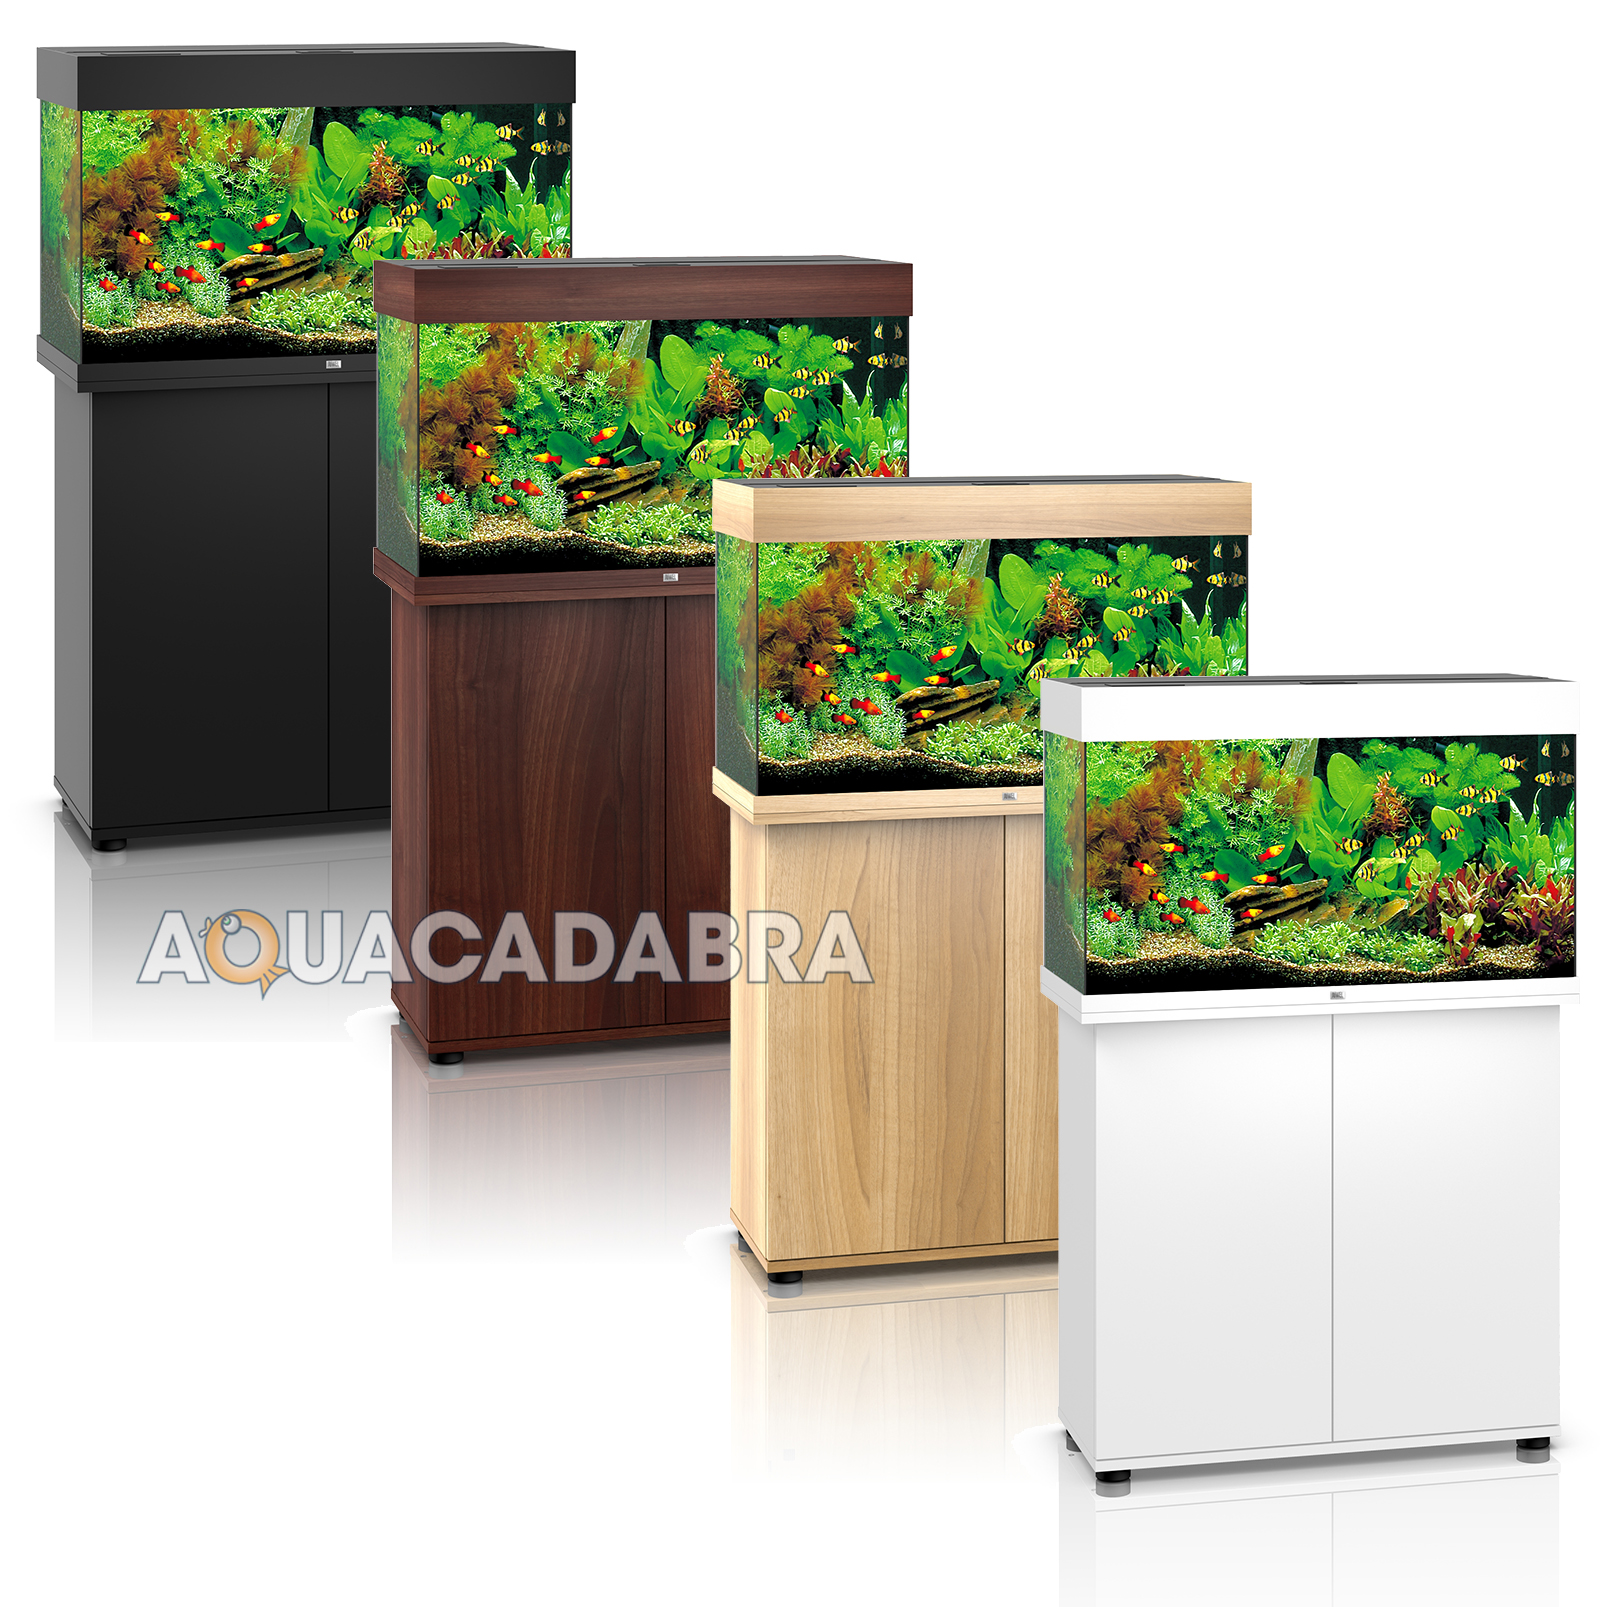 juwel rio 125 led aquarium cabinet led lighting filter heater. Black Bedroom Furniture Sets. Home Design Ideas